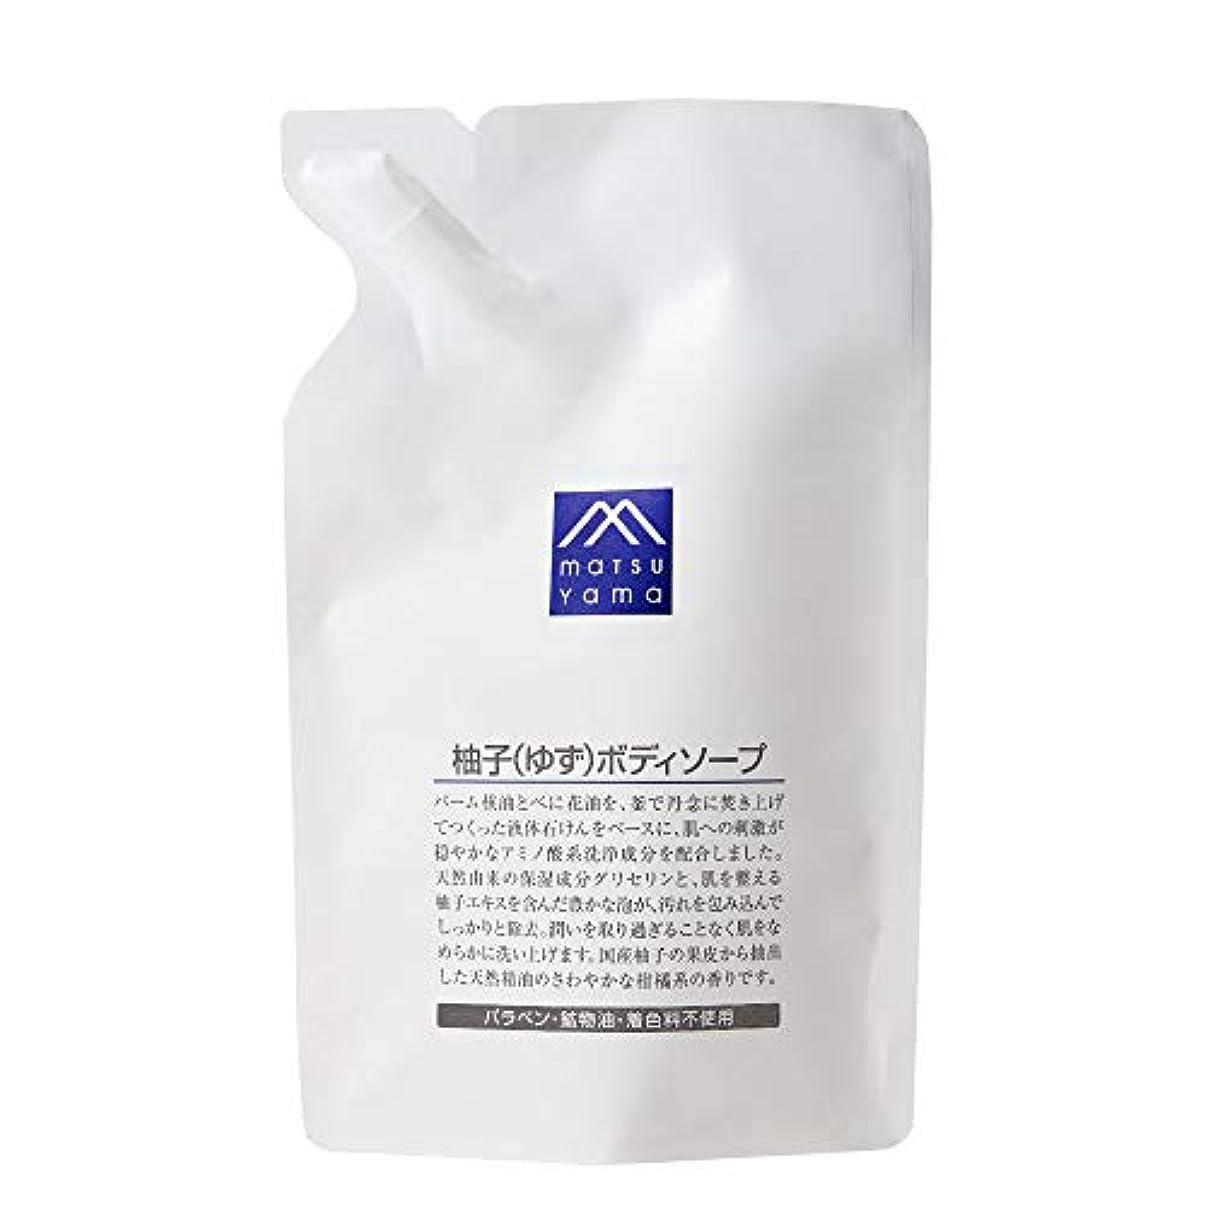 排出パウダー供給M-mark 柚子(ゆず)ボディソープ 詰替用